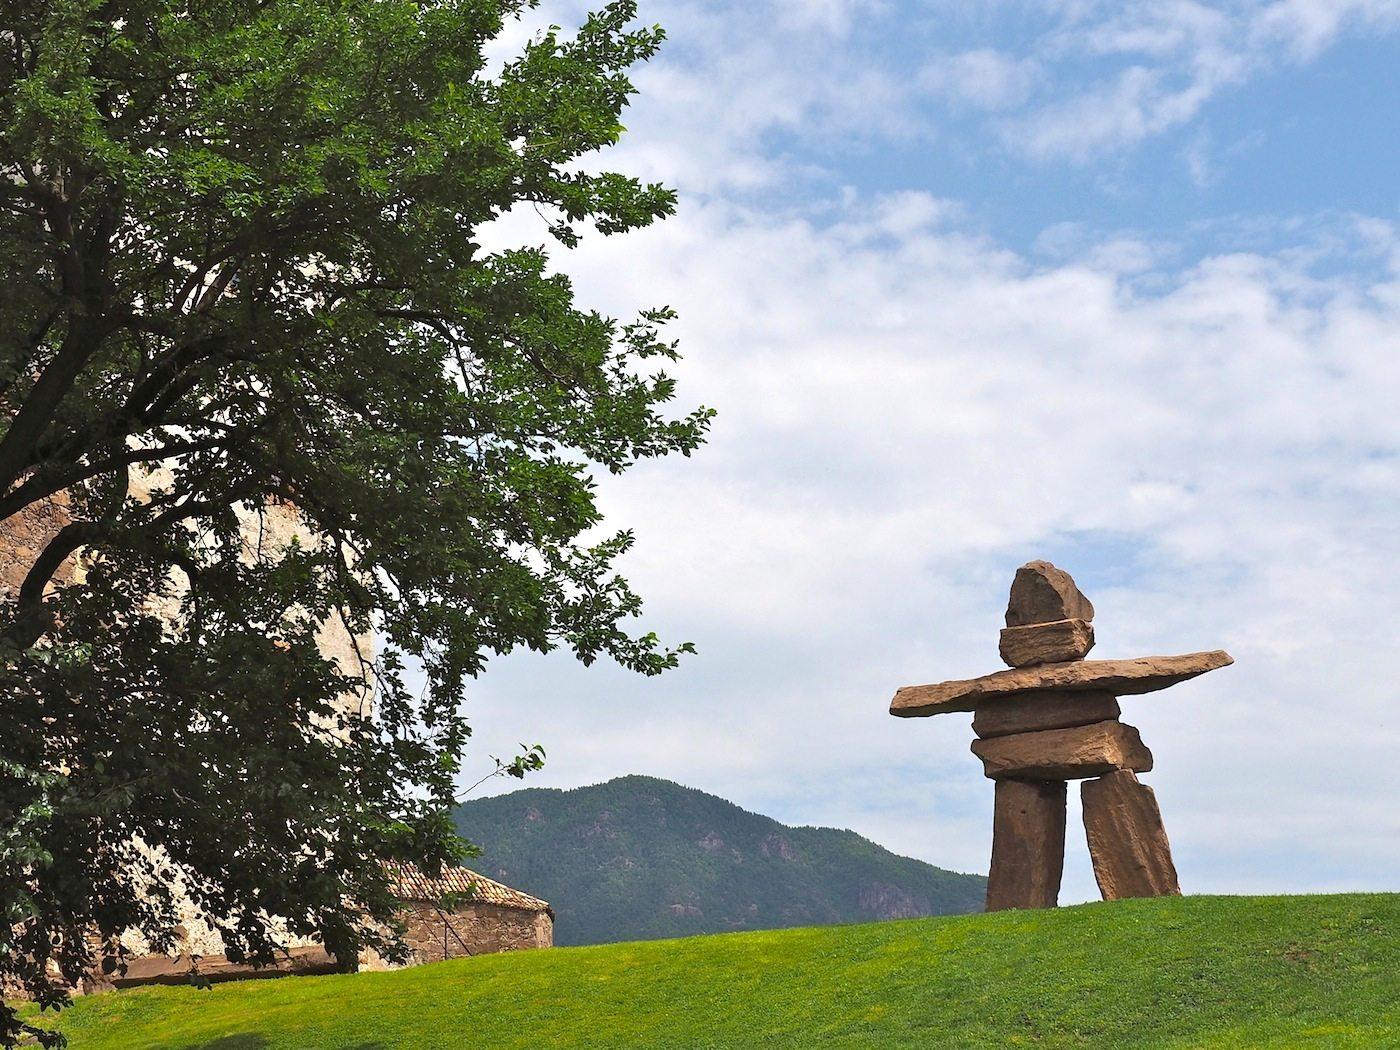 Überraschende Begegnung.. Auf dem hügeligen Areal von 14 000 Quadratmetern innerhalb der Mauern ziehen immer wieder zeitgenössische Plastiken, religiöse Skulpturen oder archaische Figuren die Blicke auf sich, wie hier der Inukshuk, das Wegzeichen der kanadischen Ureinwohner.